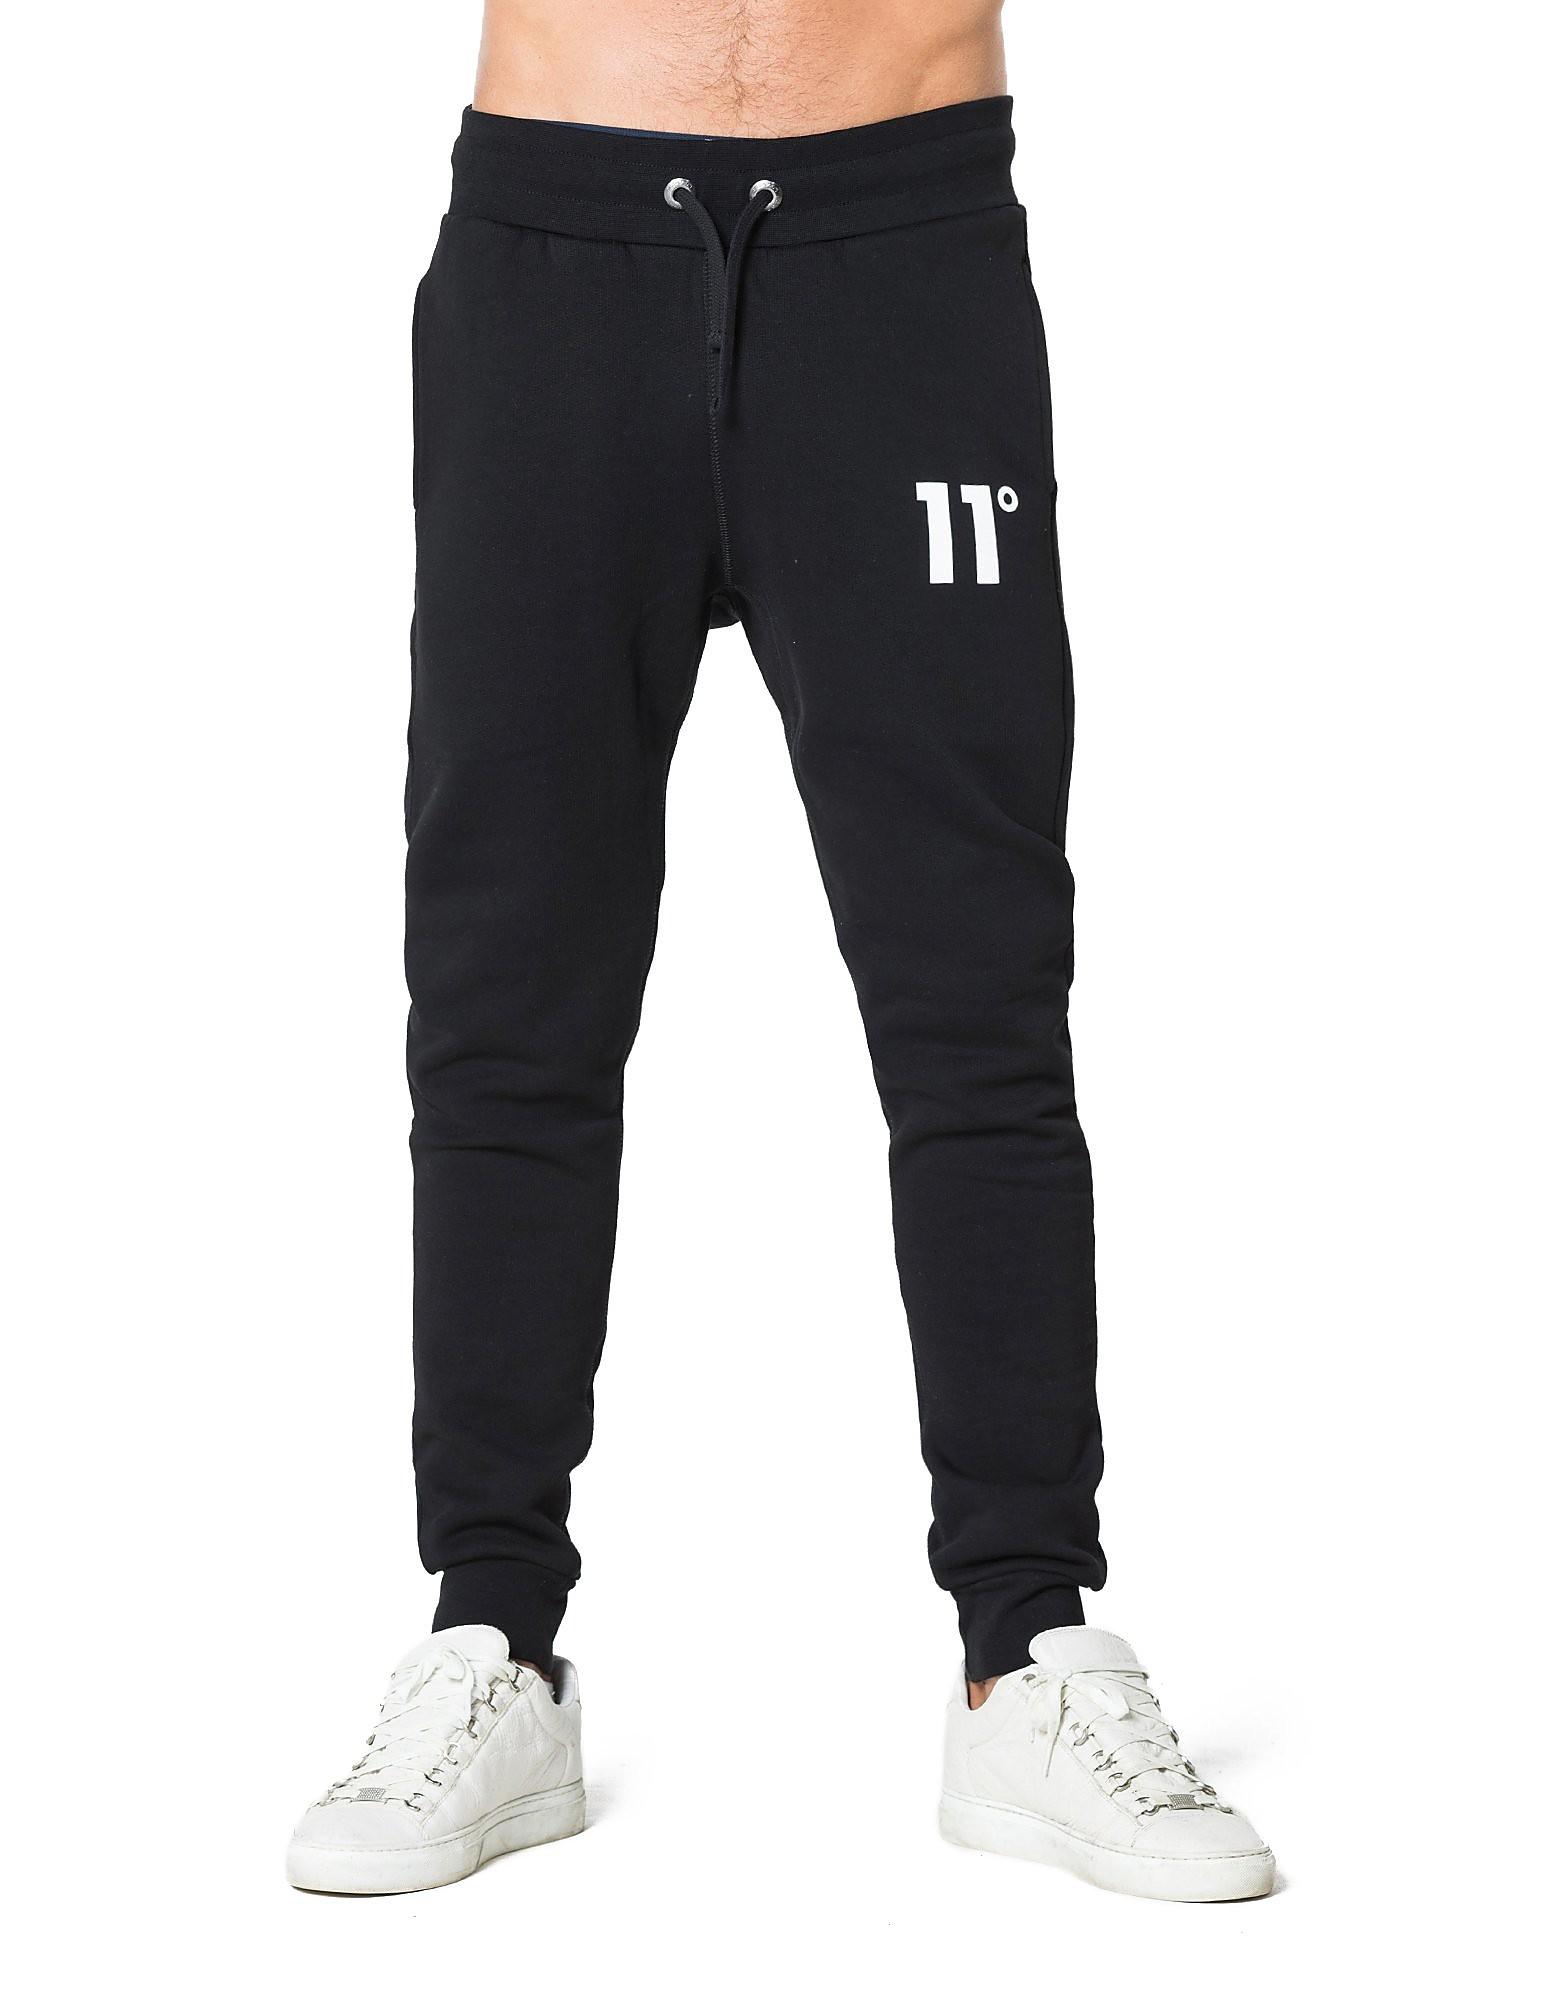 11 Degrees Core Fleece Pants - Zwart - Heren